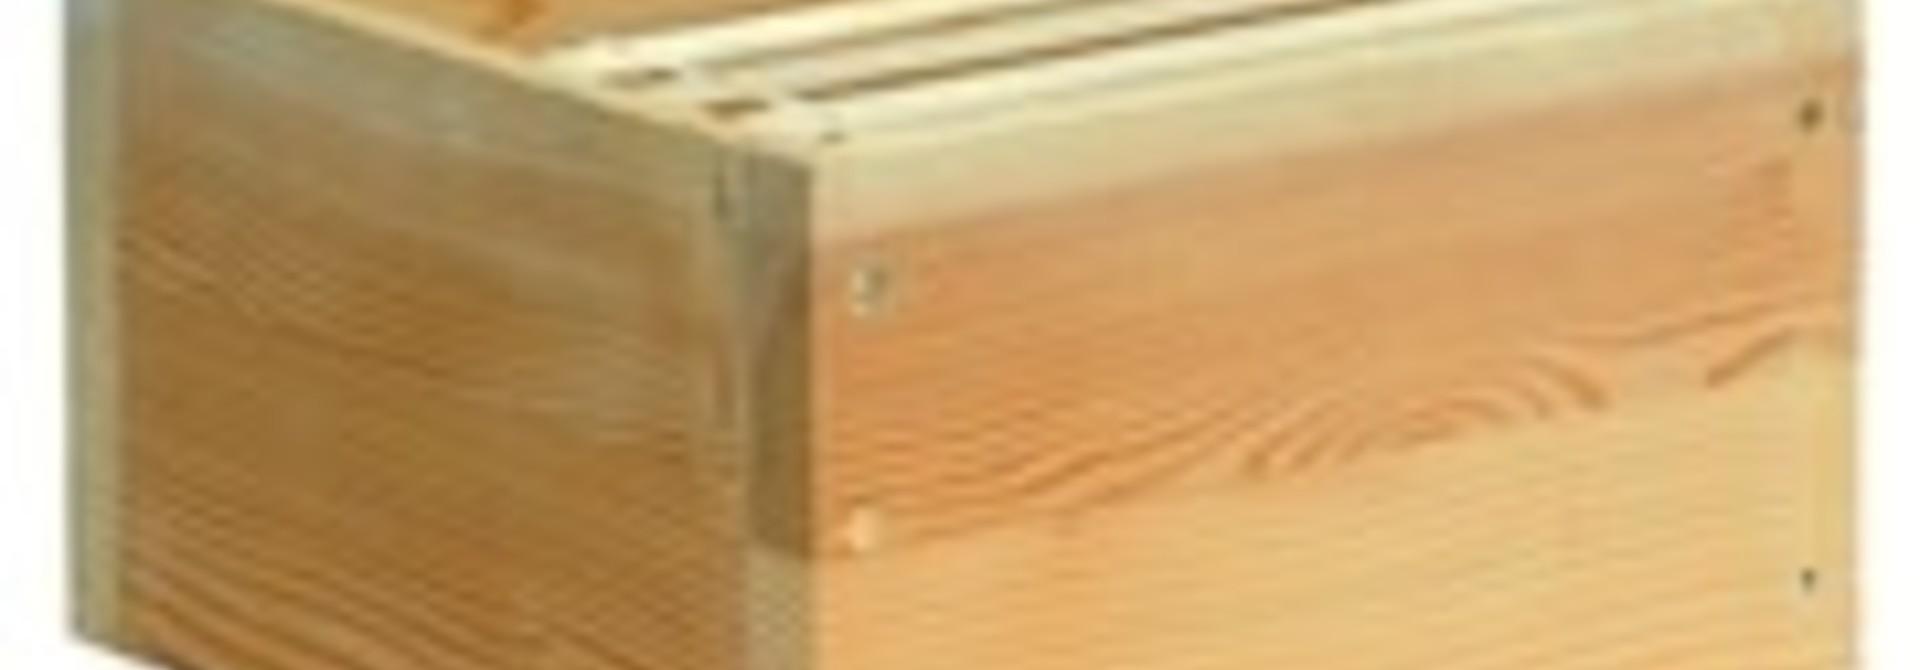 Houten mini plus broedkamer zonder ramen